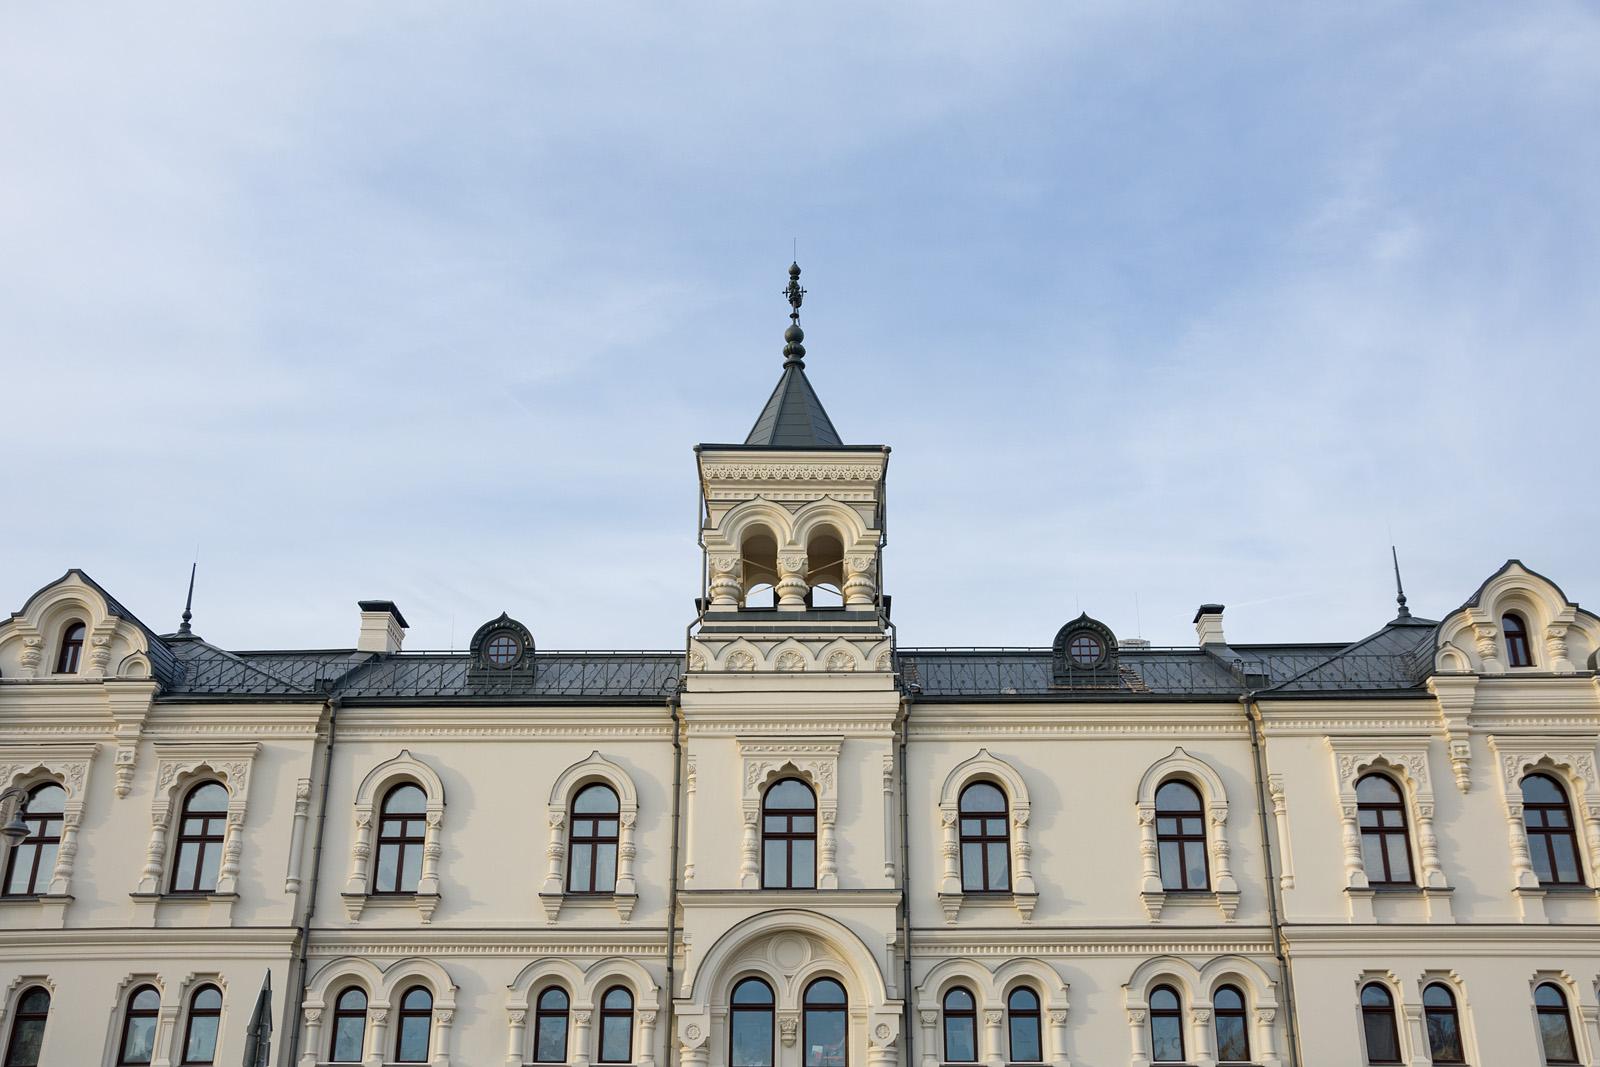 Как идёт реконструкция Политехнического музея? Часть 1 - 5